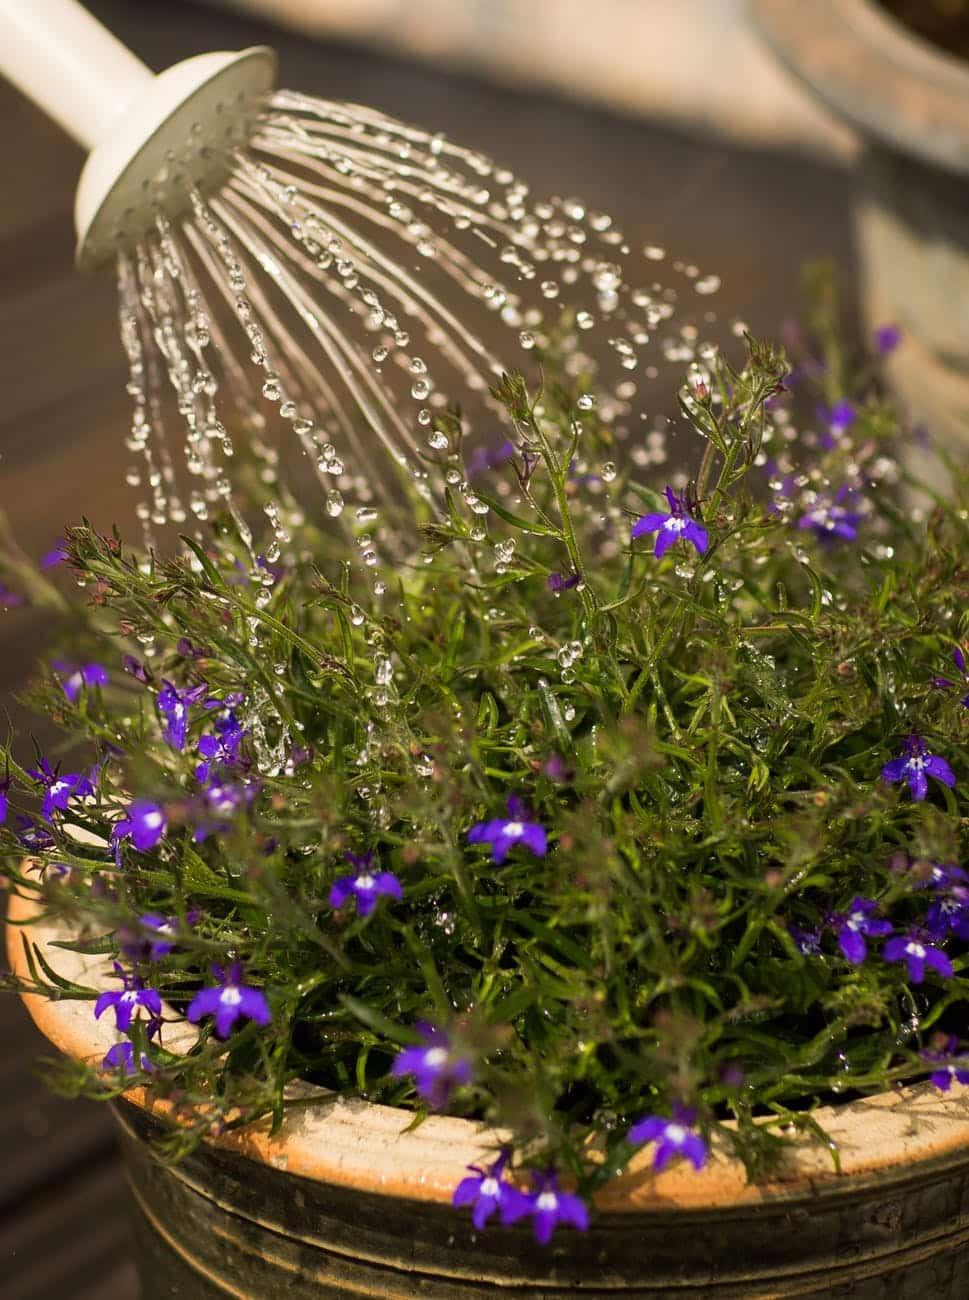 arroser fleurs arrosoir protéger plantes chaleur soleil